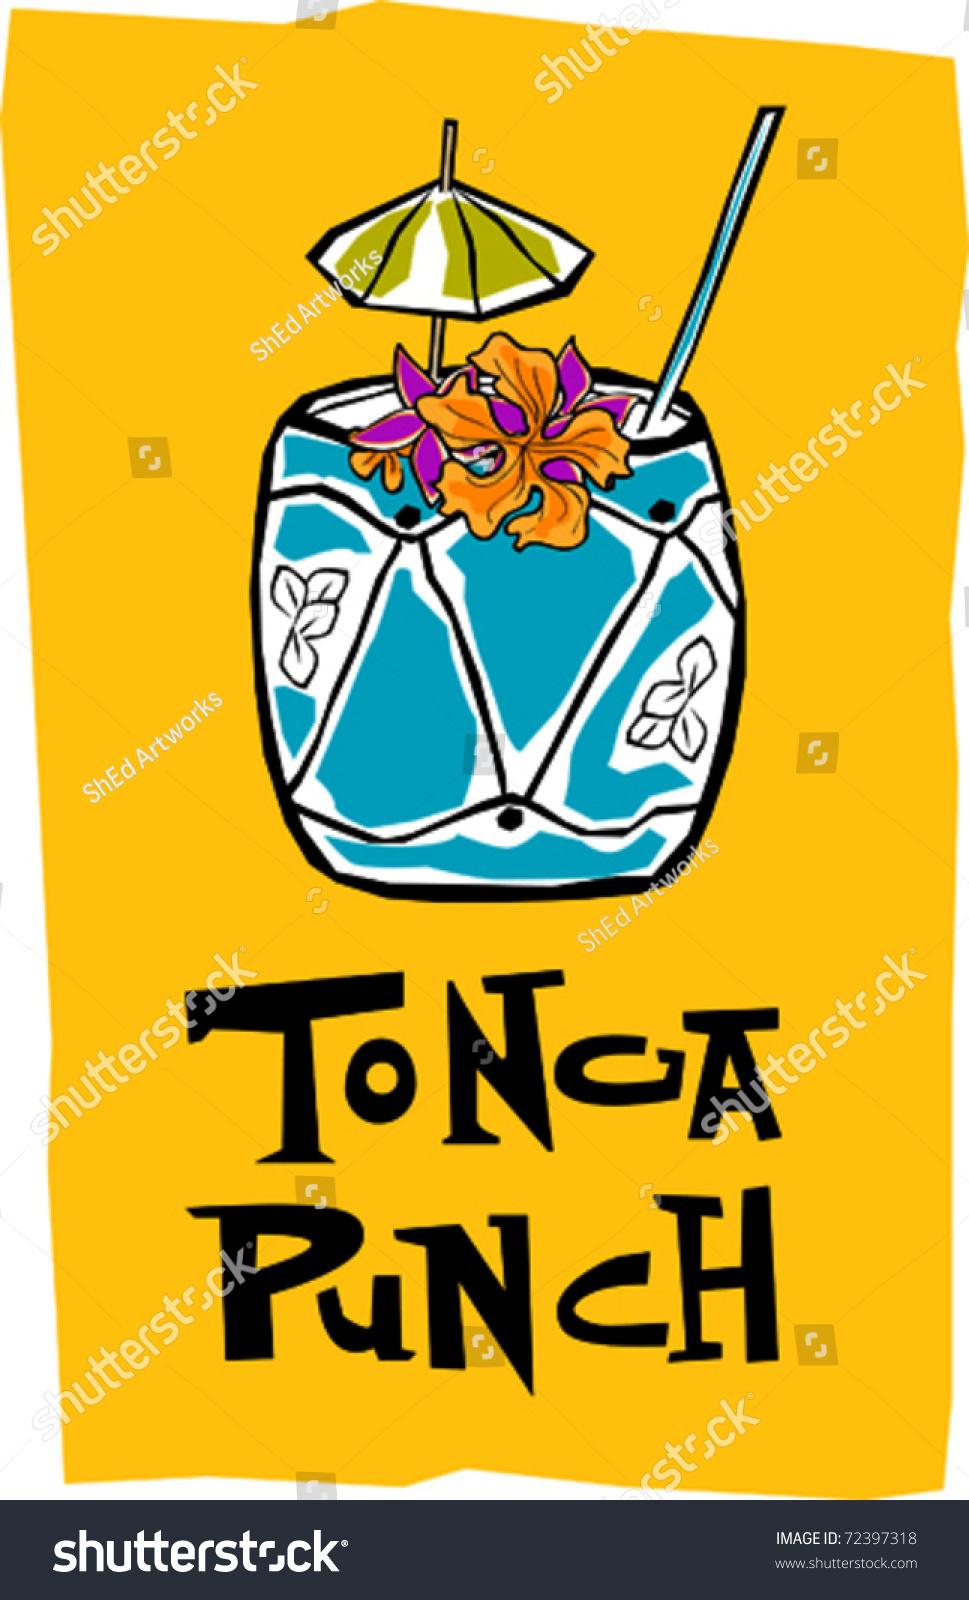 Retro Polynesian Tropical Tonga Punch Tiki Stock Photo (Photo ...